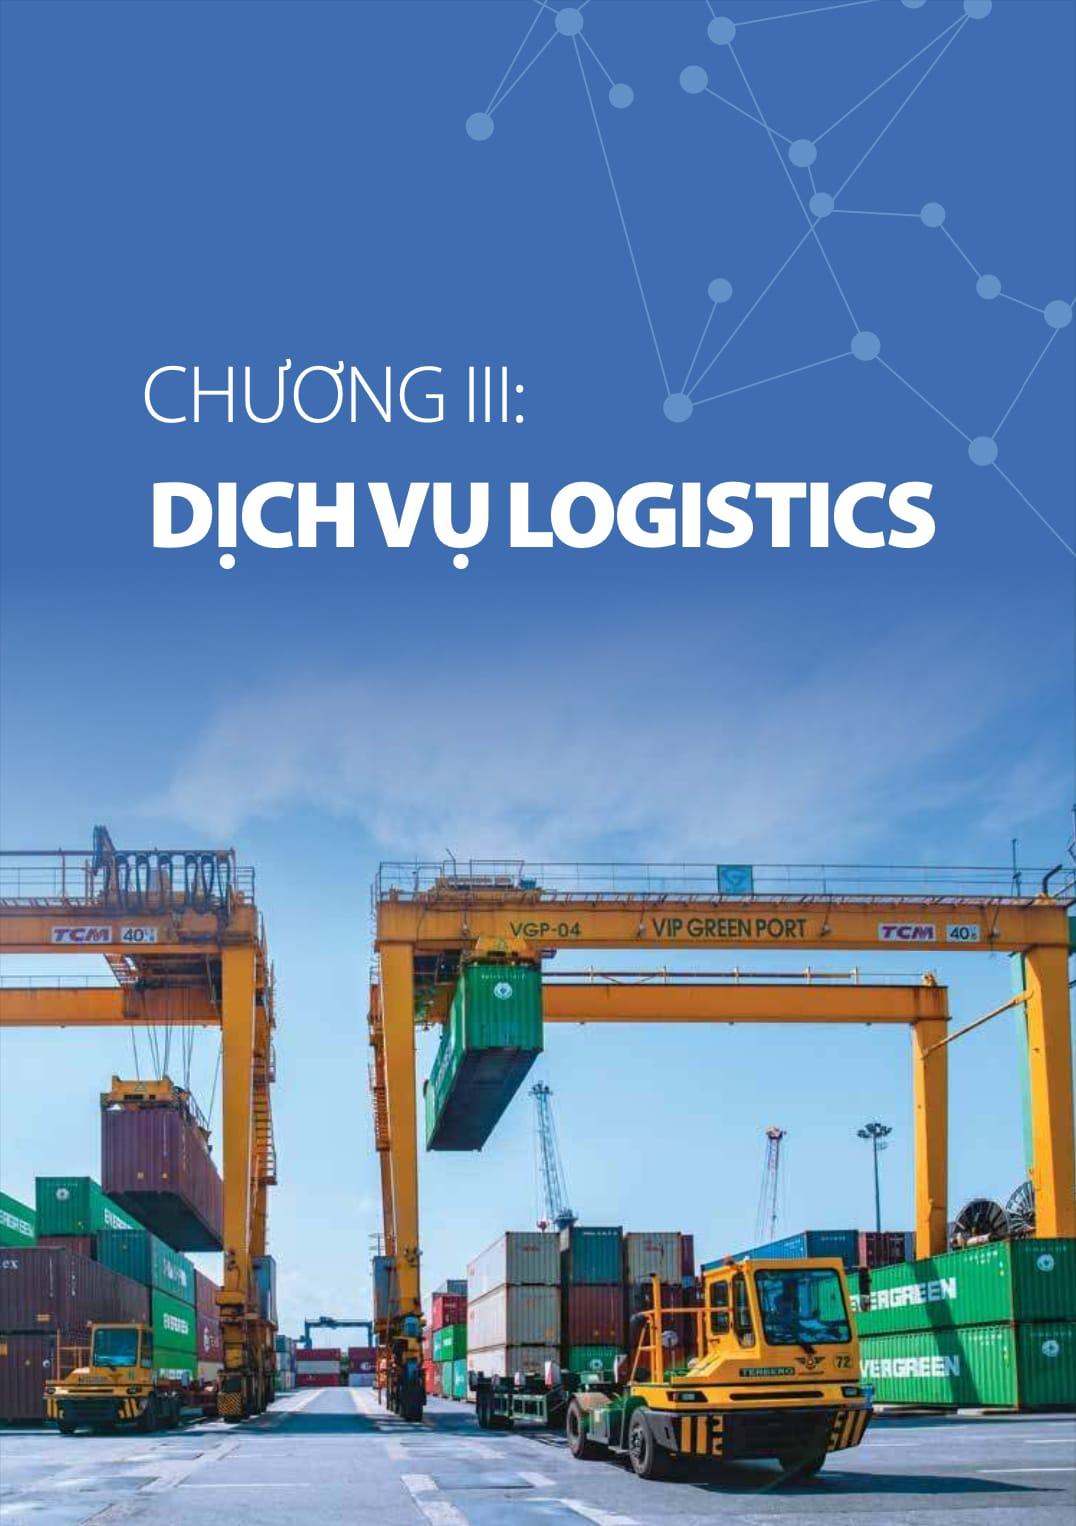 Chương 3 báo cáo logistics Việt Nam 2020: Dịch vụ logistics